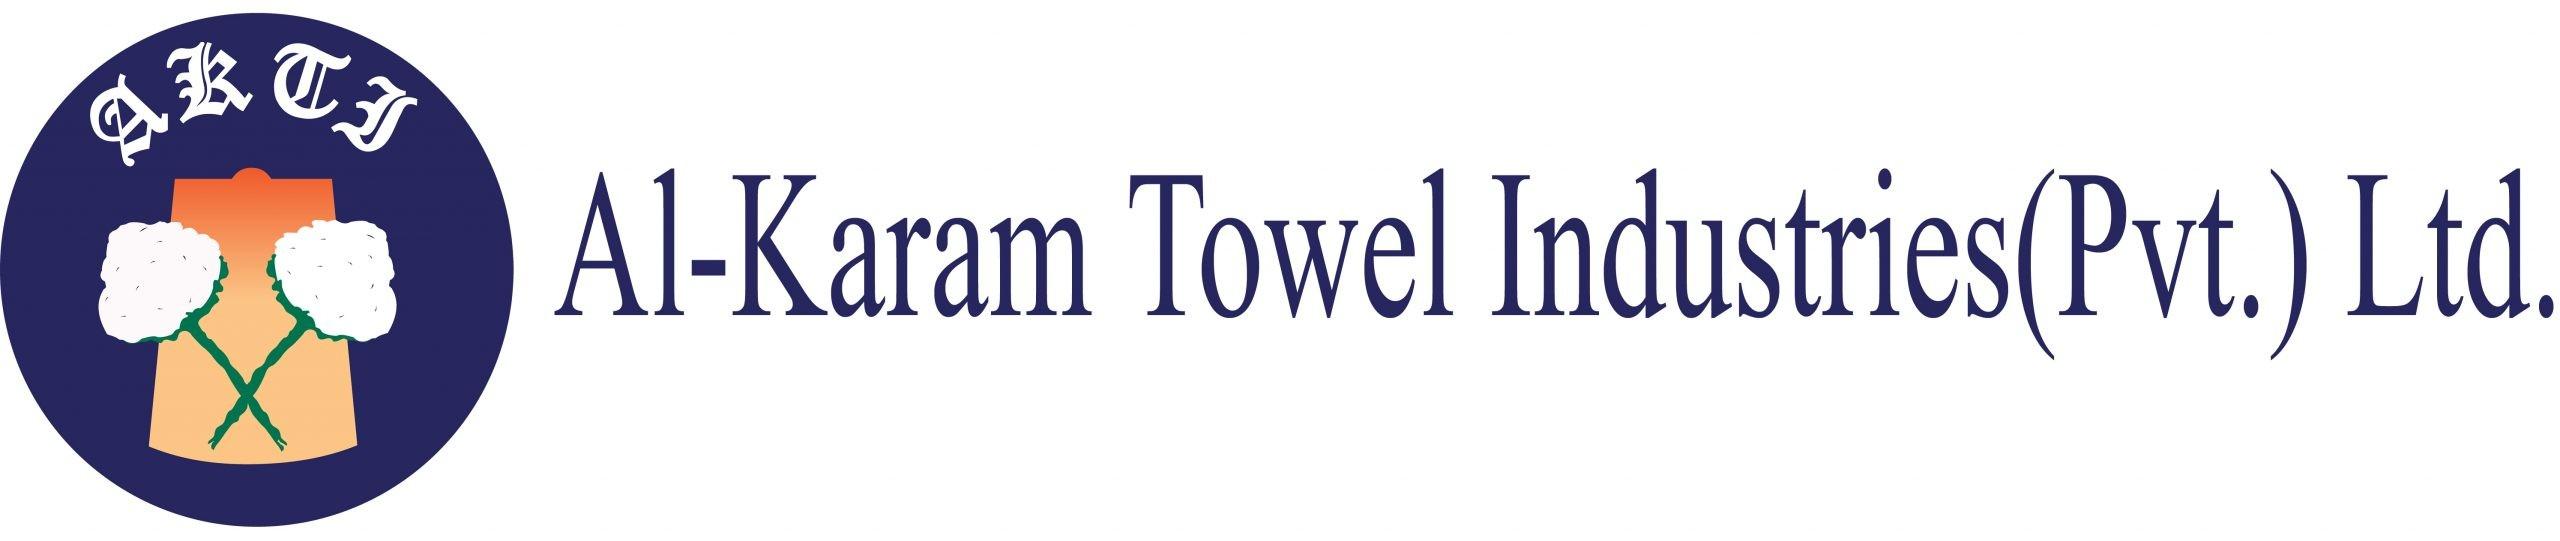 Al Karam Towel Industries(Pvt)ltd.